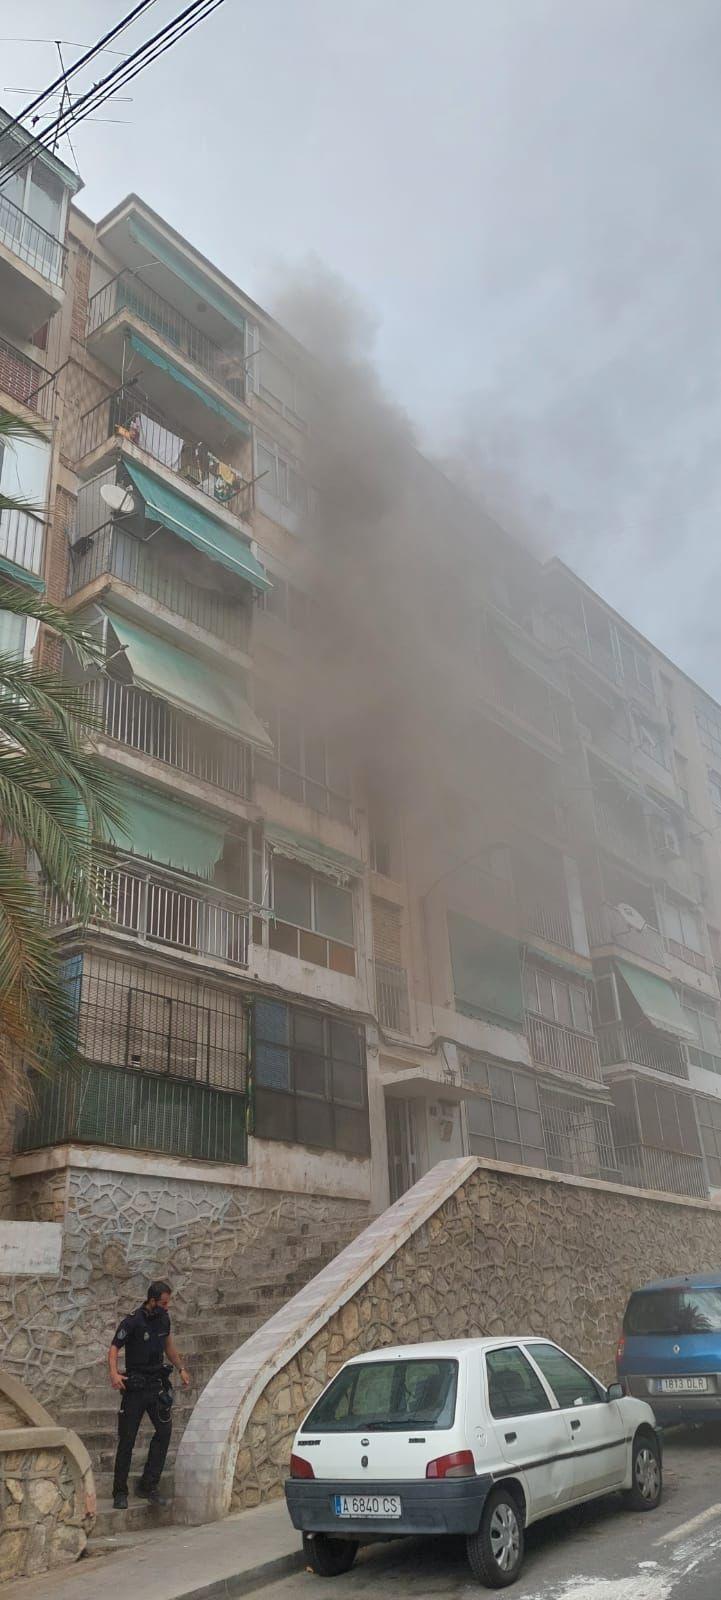 El incendio ha generado mucho humo.